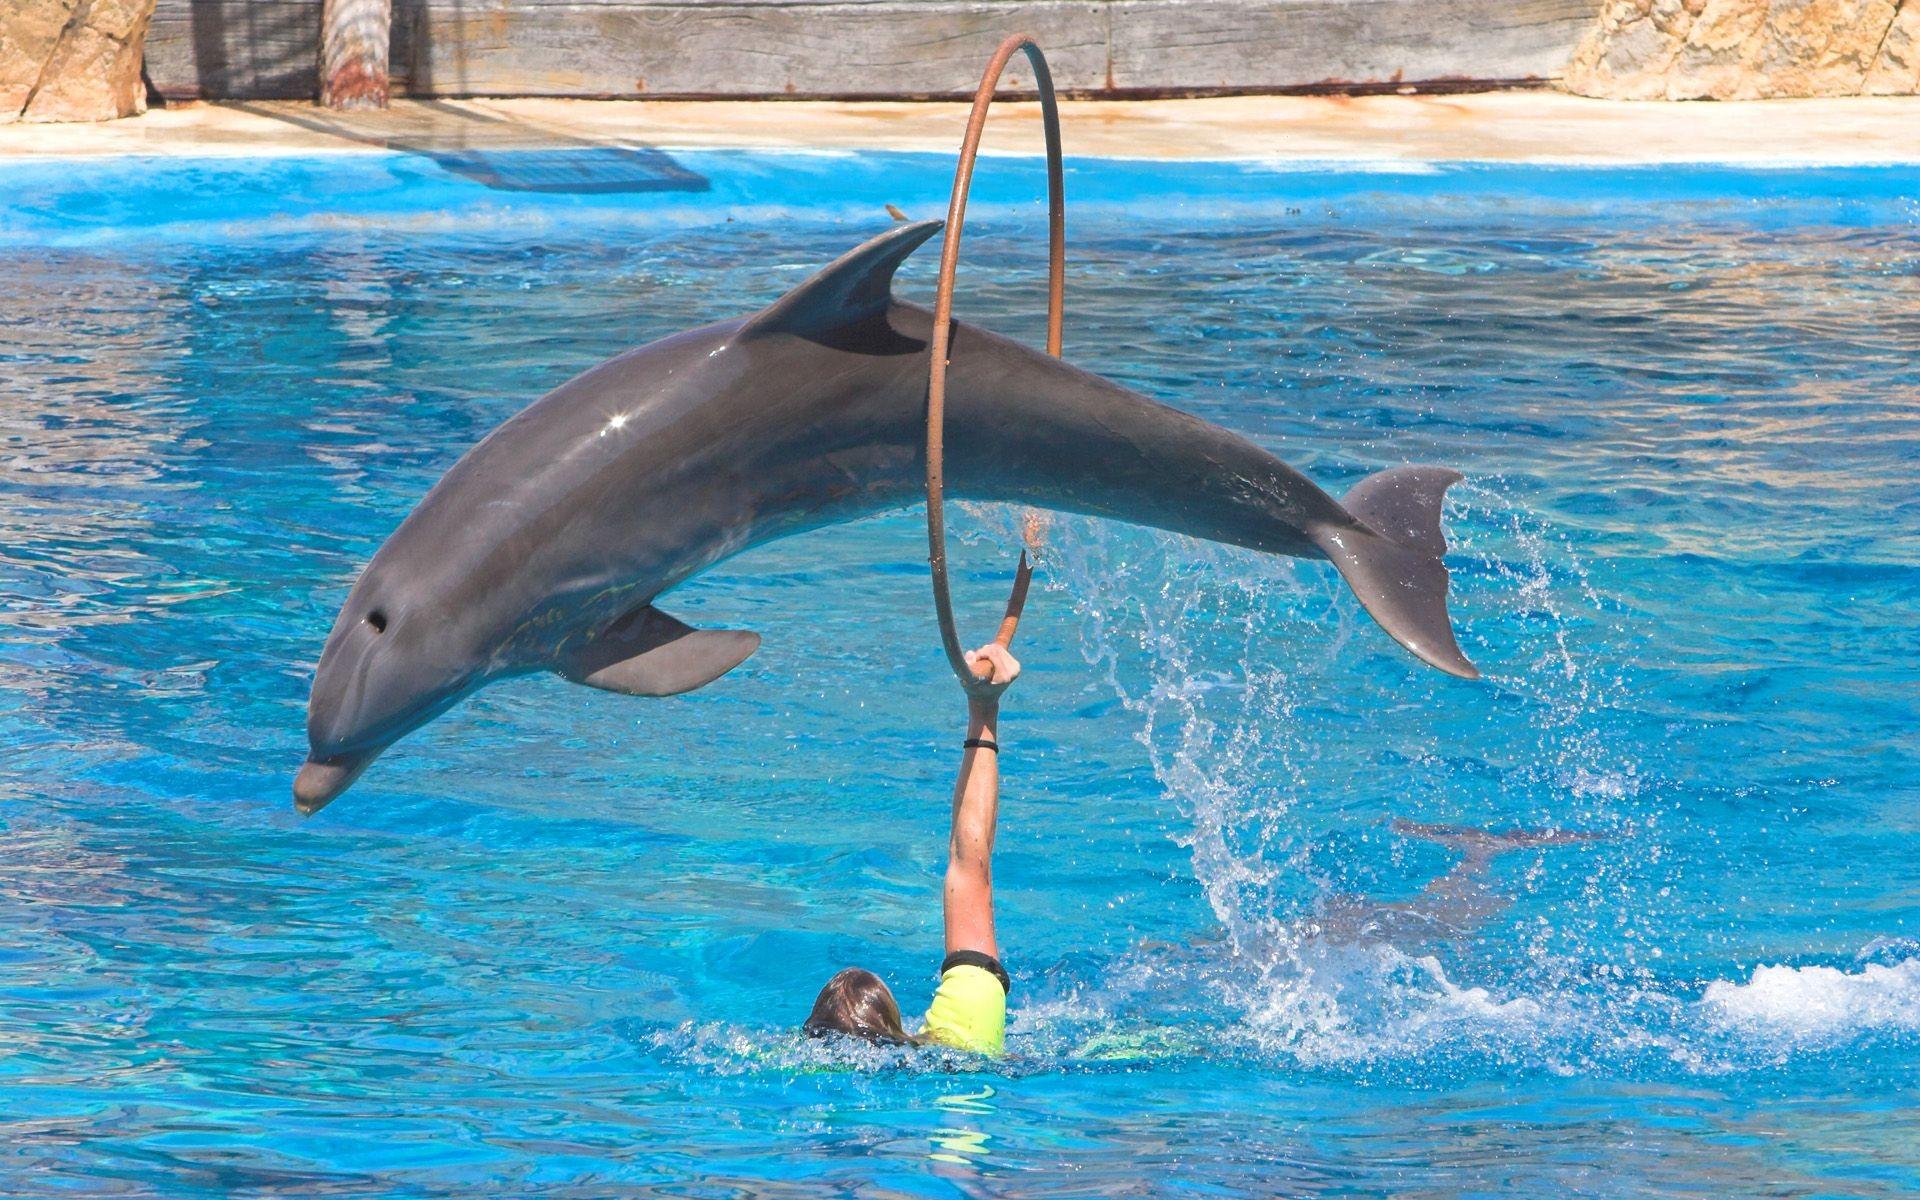 Saltos de delfines - 1920x1200